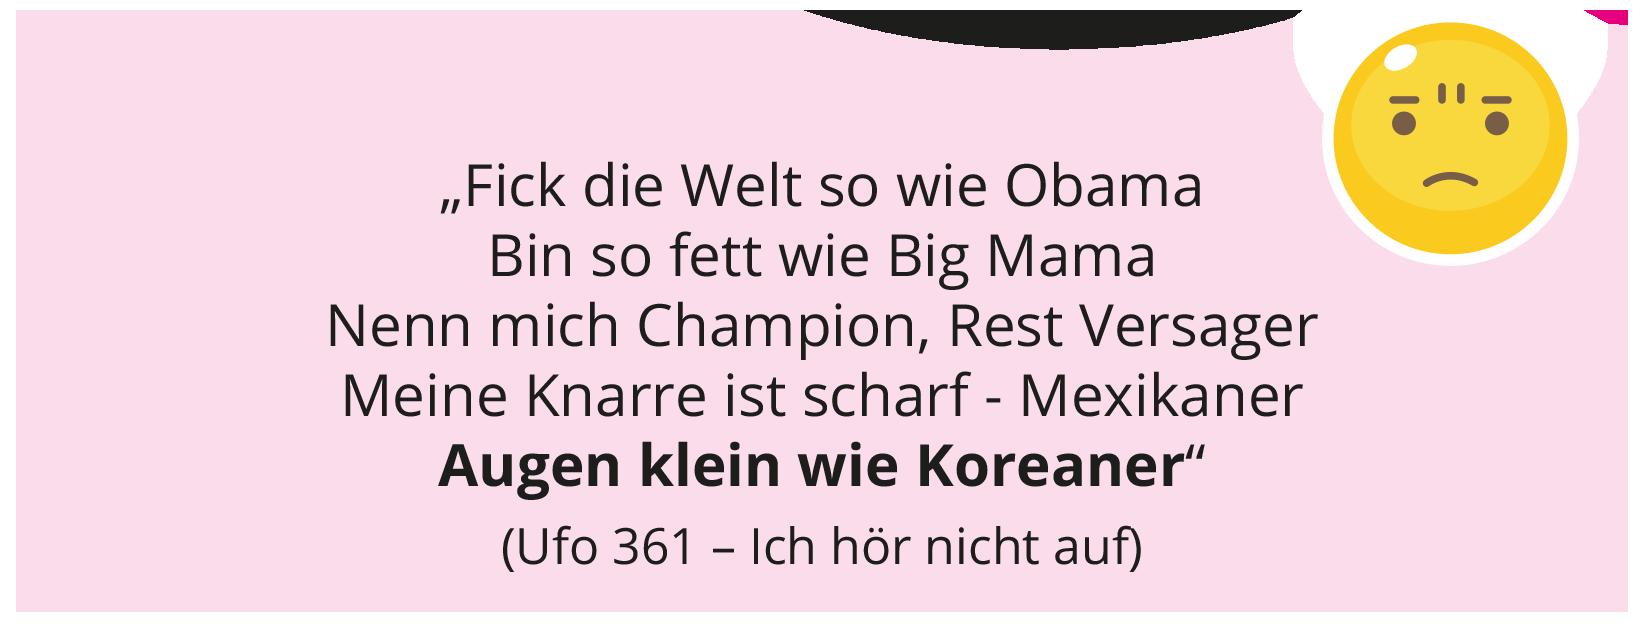 """""""Fick die Welt so wie Obama Bin so fett wie Big Mama Nenn mich Champion, Rest Versager Meine Knarre ist scharf - Mexikaner Augen klein wie Koreaner"""" (Ufo 361 – Ich hör nicht auf)"""